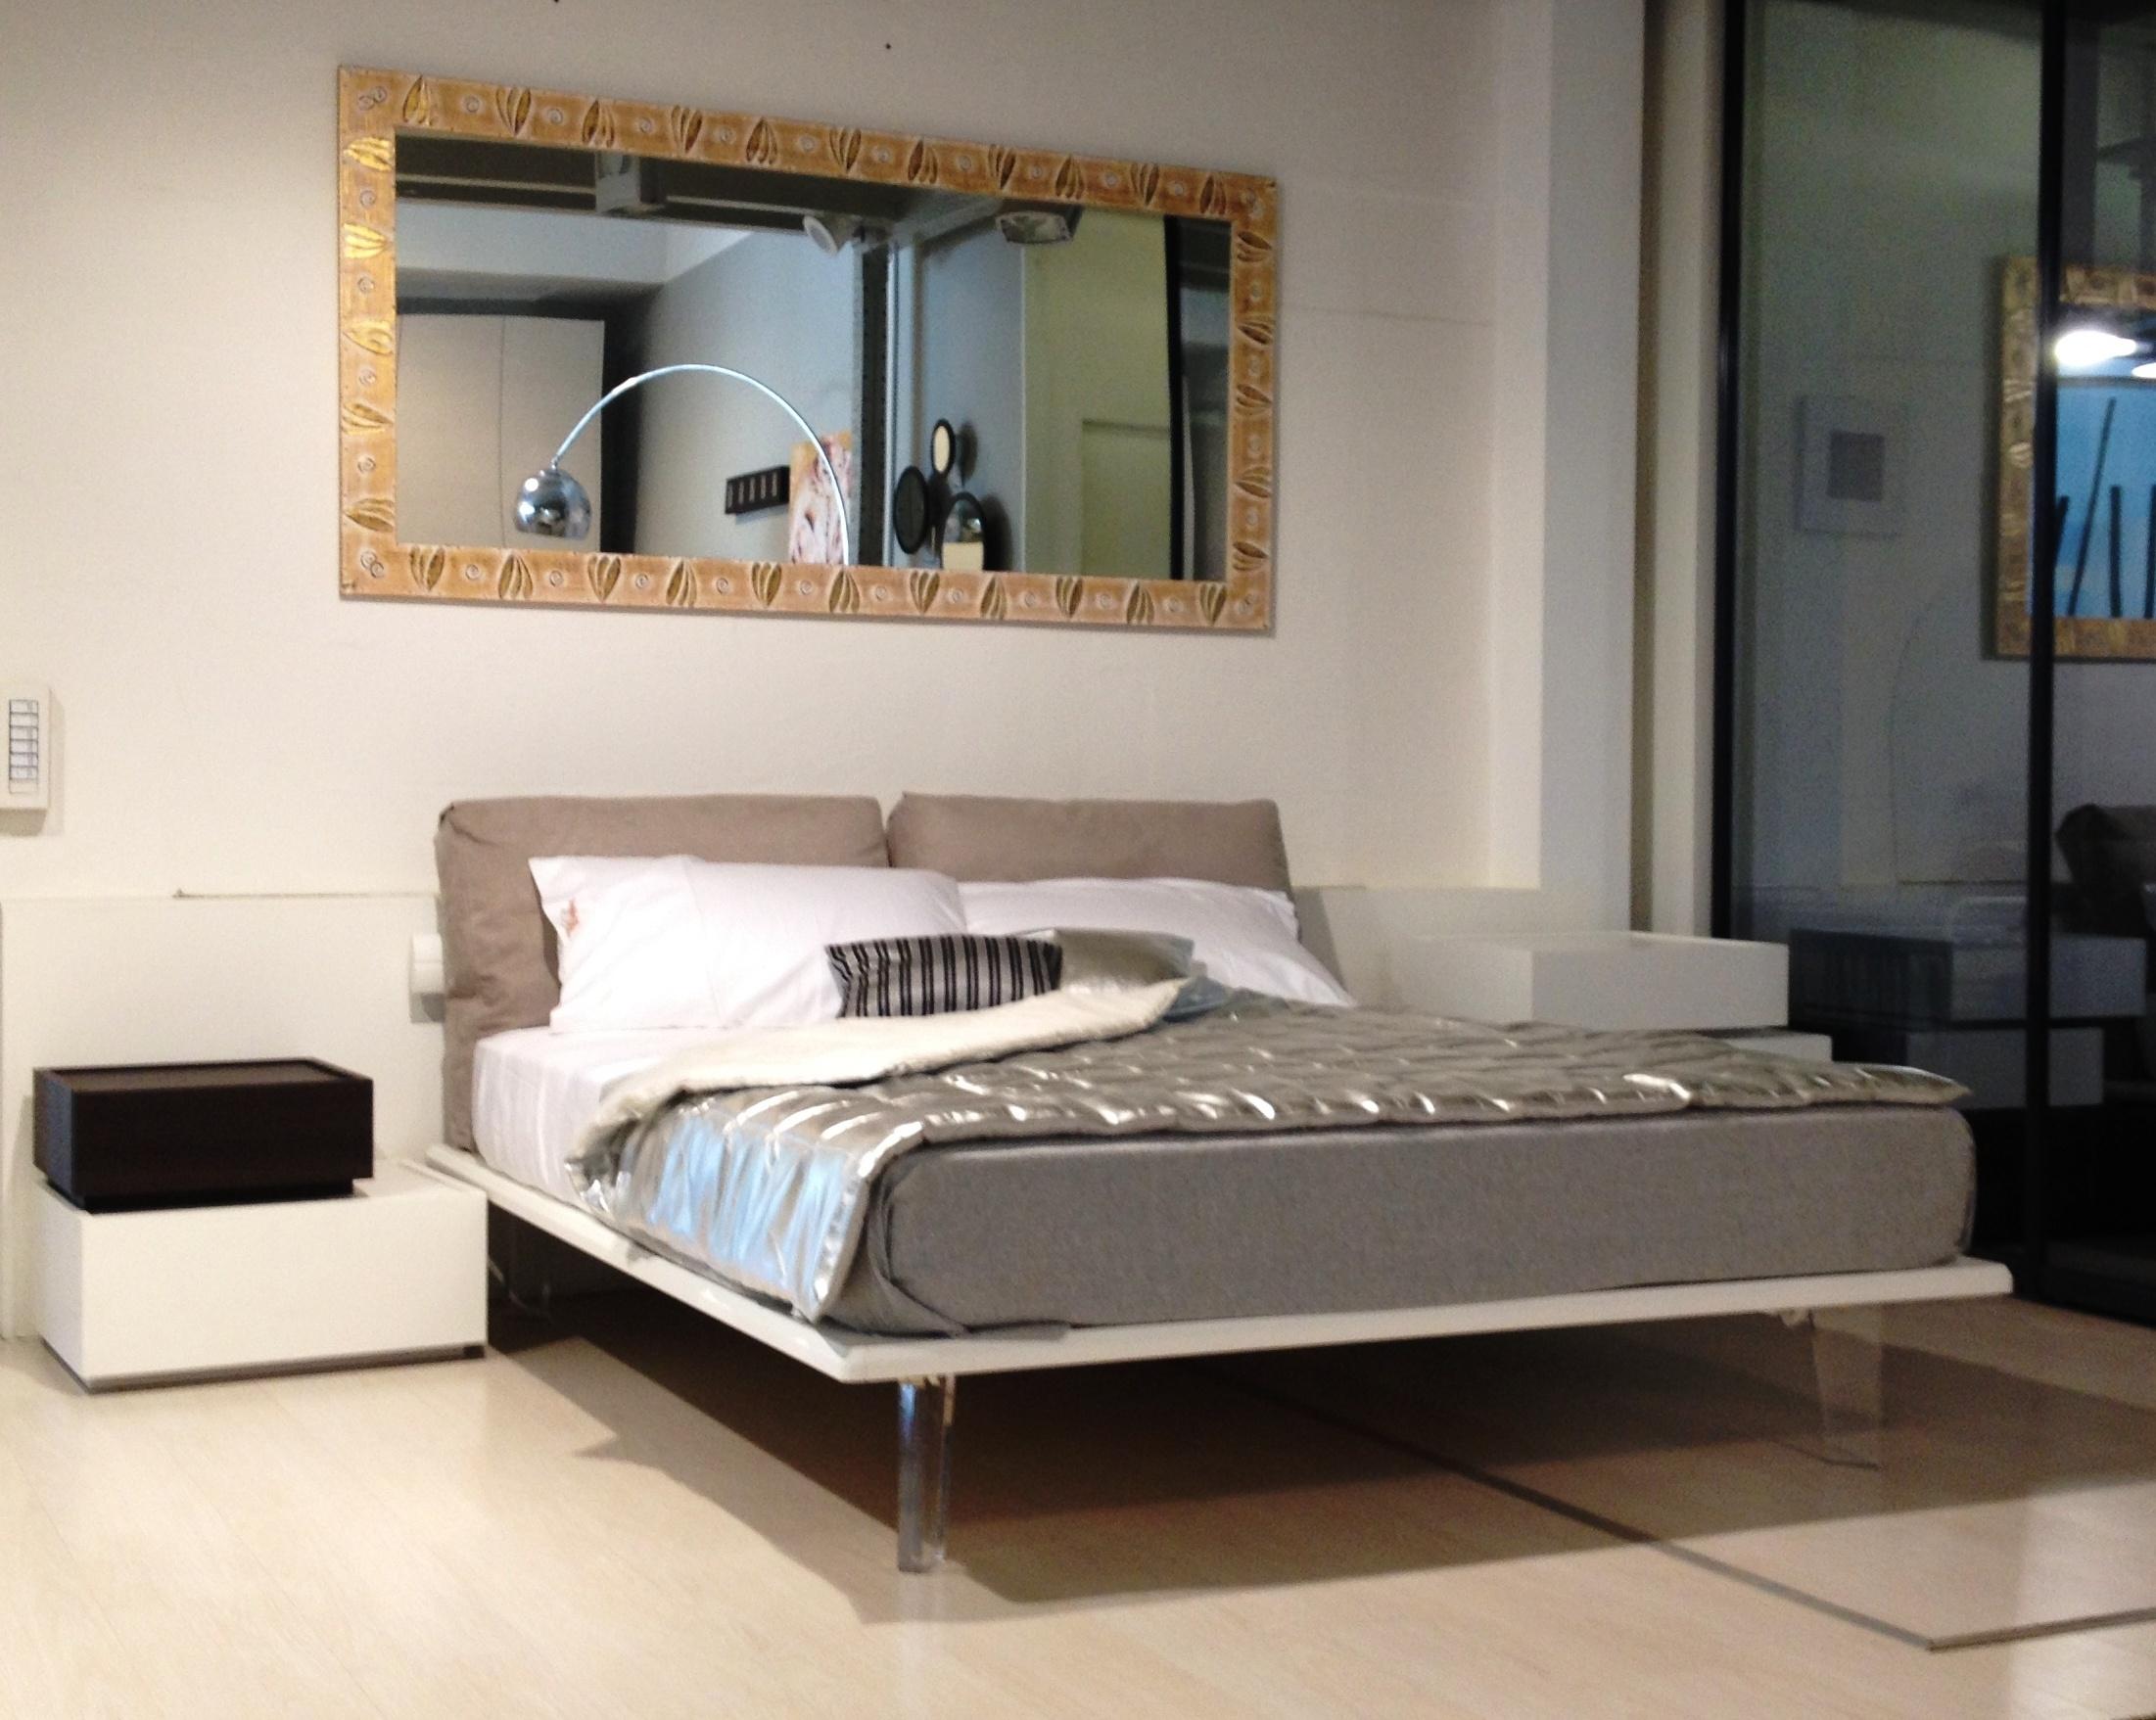 Spalliere Letto Ikea Of Letto Matrimoniale Con Comodini Laccati Opachi Bianco